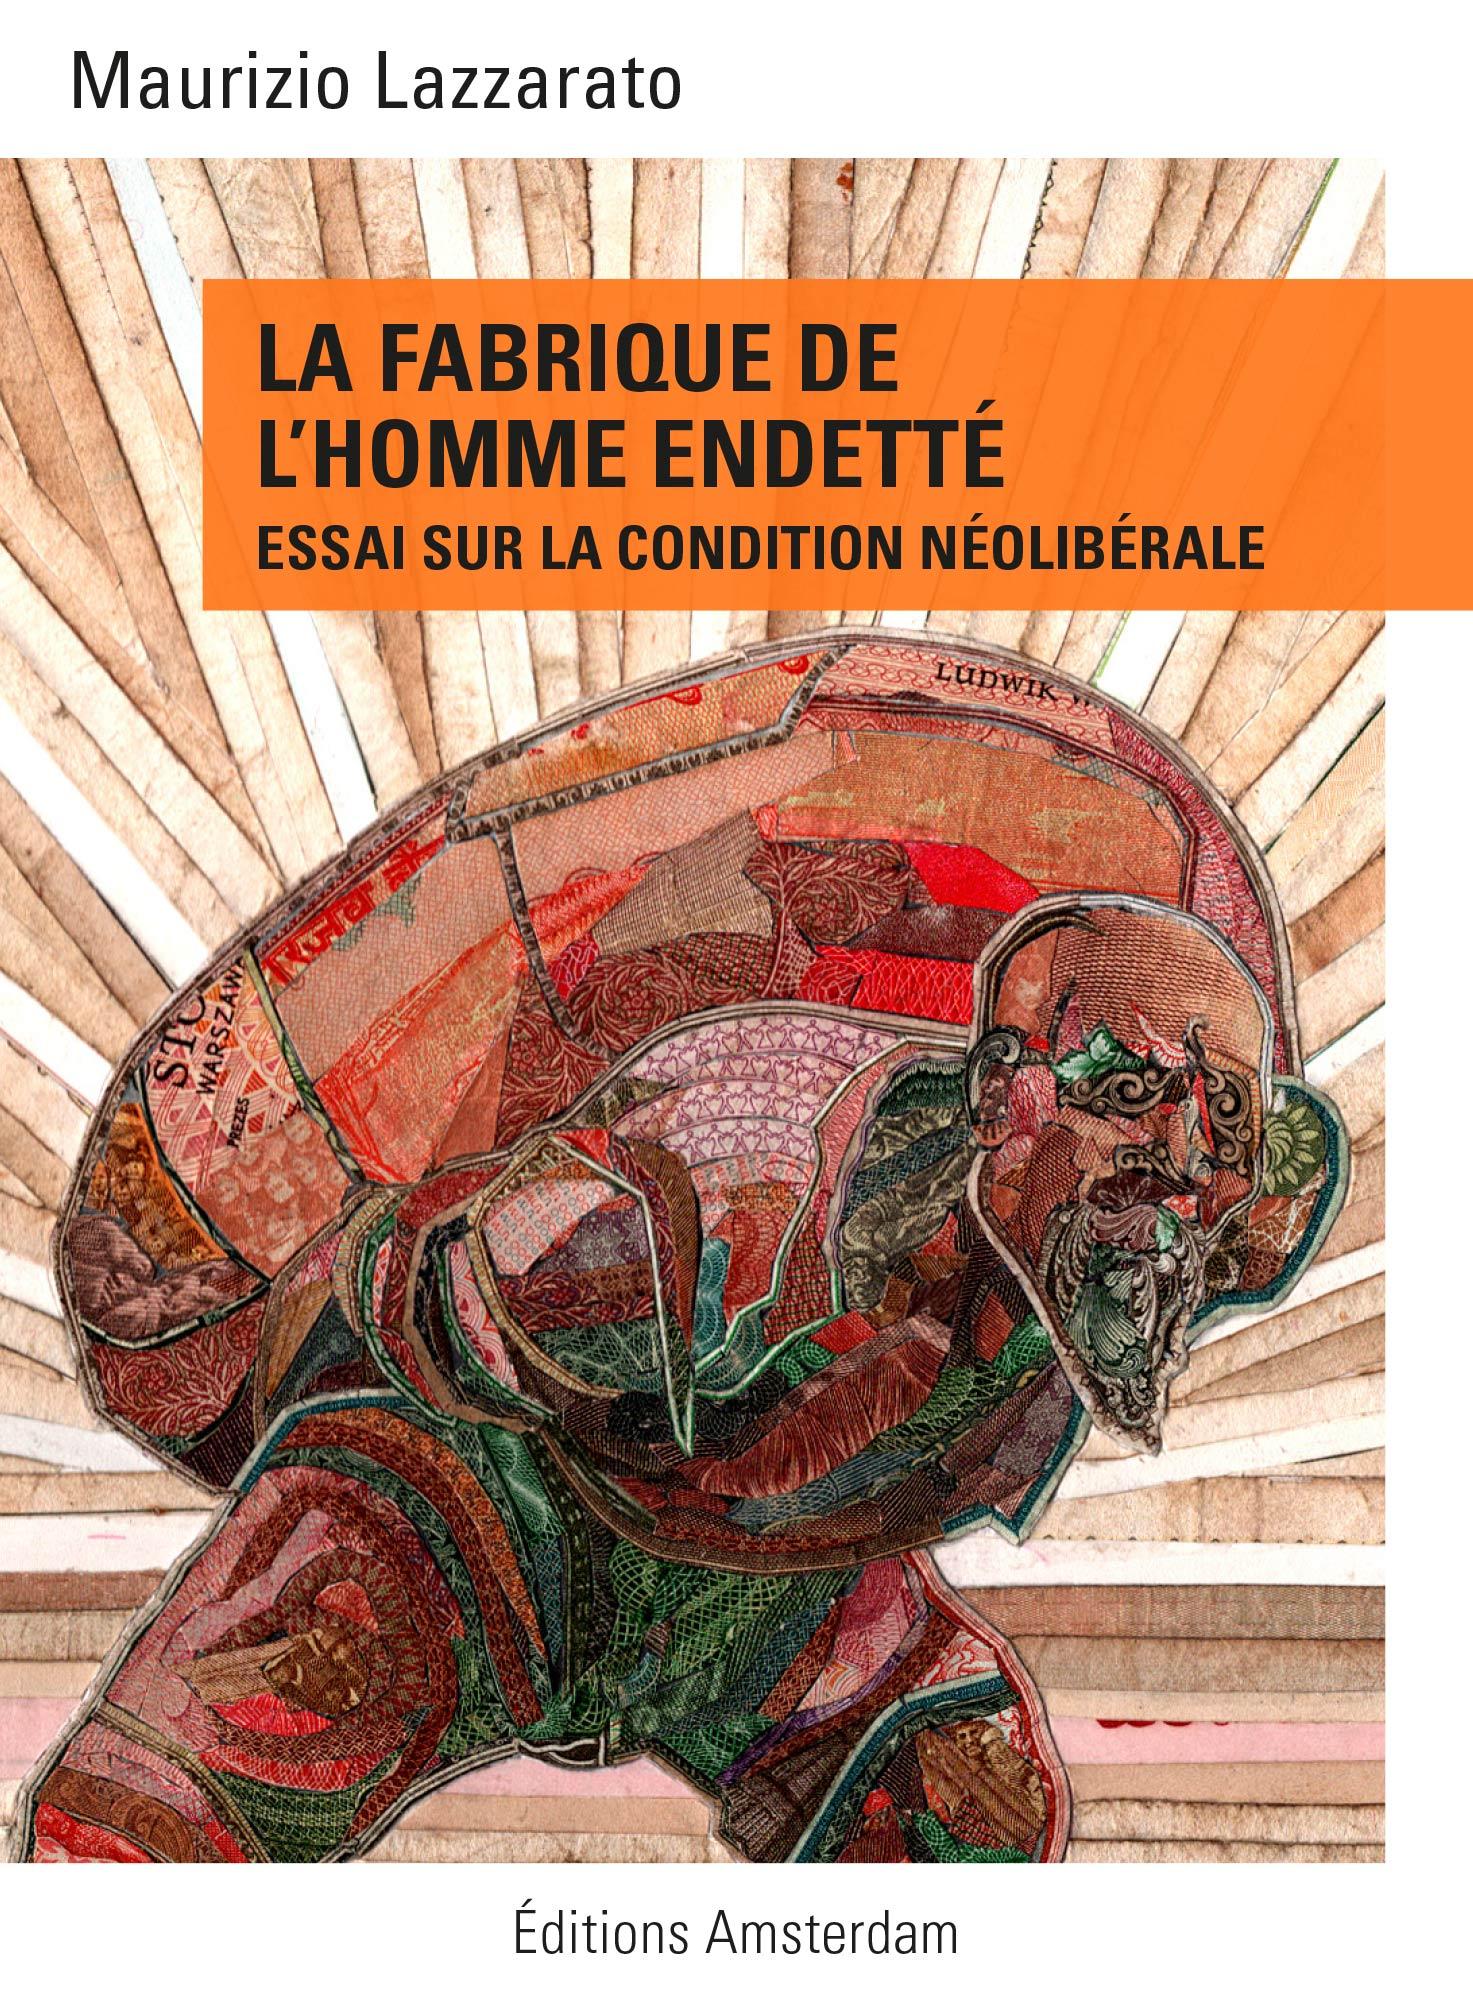 """Résultat de recherche d'images pour """"La fabrique de l'homme endetté : Essai sur la condition néolibérale - Maurizio Lazzarato"""""""